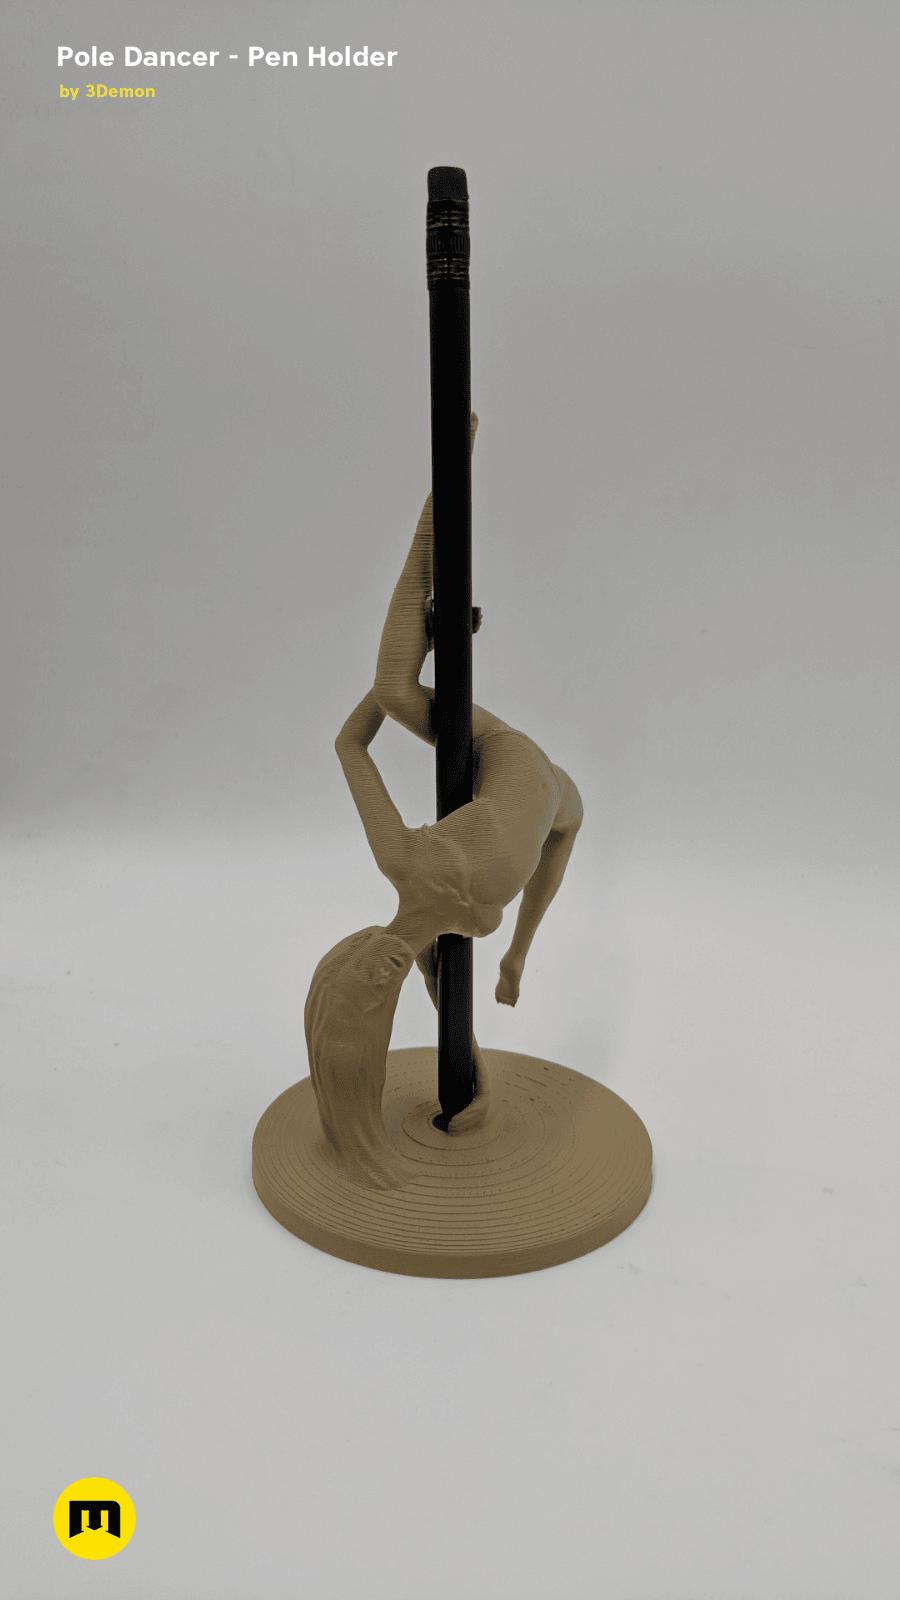 IMG_20190219_154859.png Download STL file Pole Dancer - Pen Holder • Object to 3D print, 3D-mon